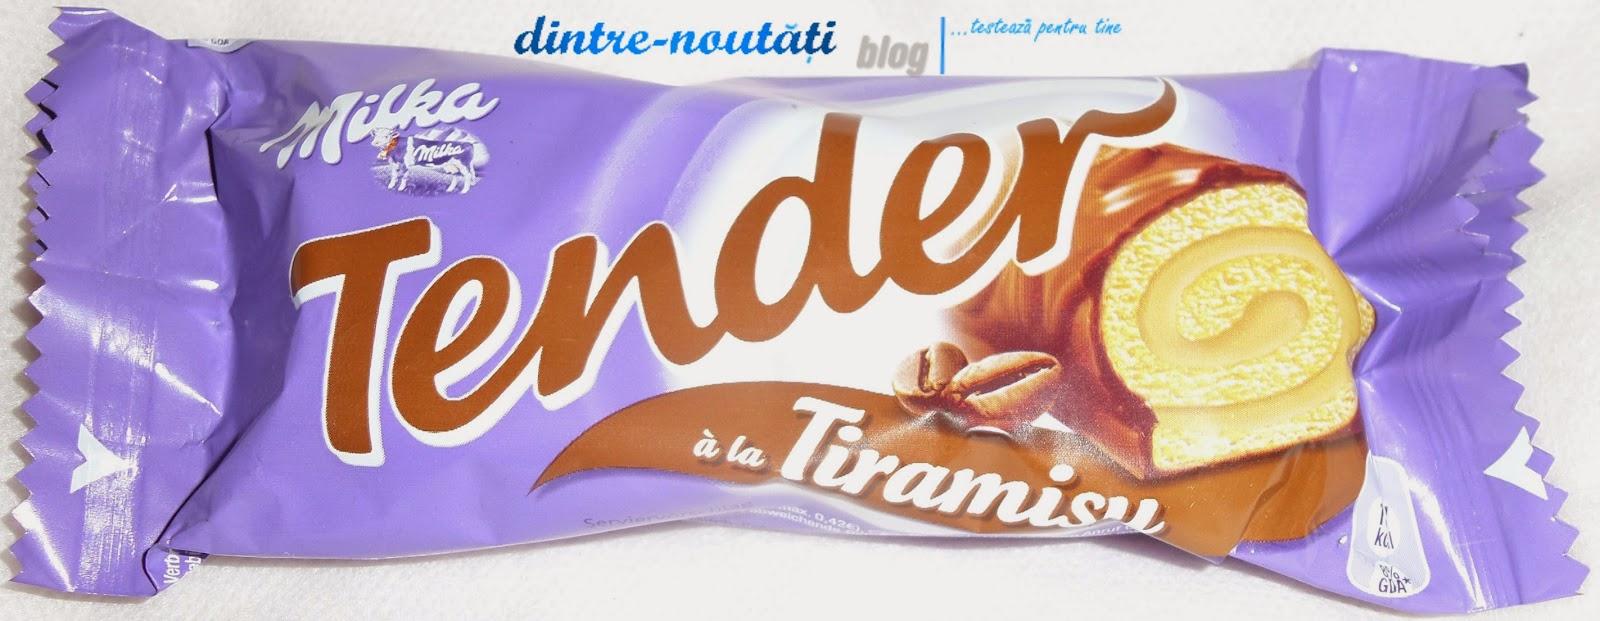 Ruladă cu cremă de tiramisu învelită în ciocolată cu lapte din Alpi